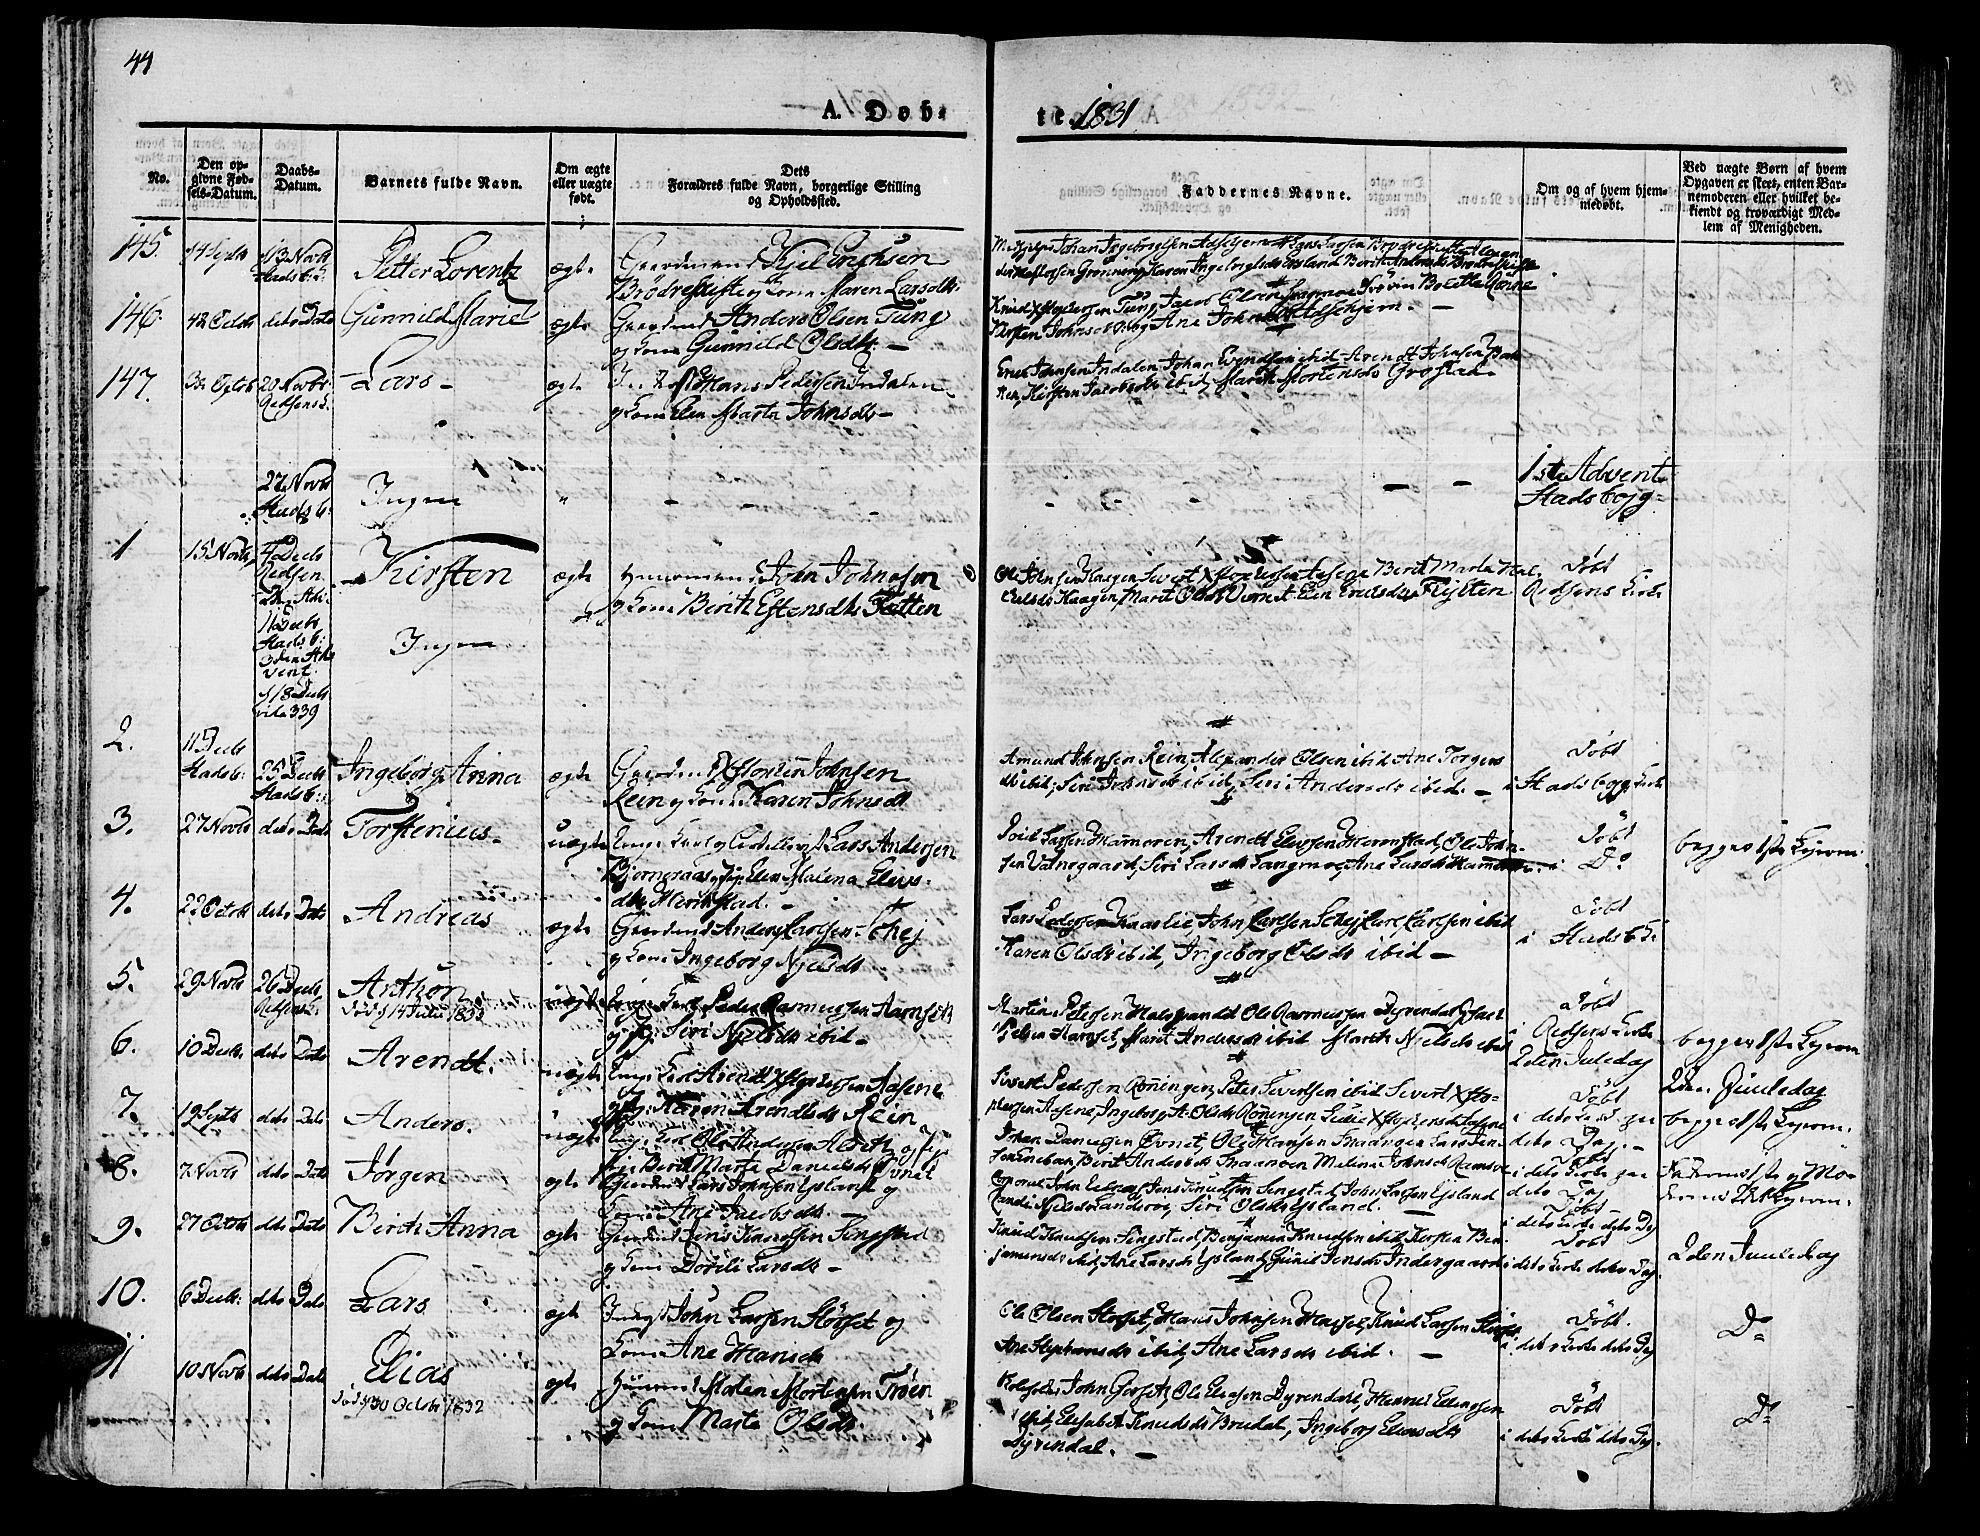 SAT, Ministerialprotokoller, klokkerbøker og fødselsregistre - Sør-Trøndelag, 646/L0609: Ministerialbok nr. 646A07, 1826-1838, s. 44